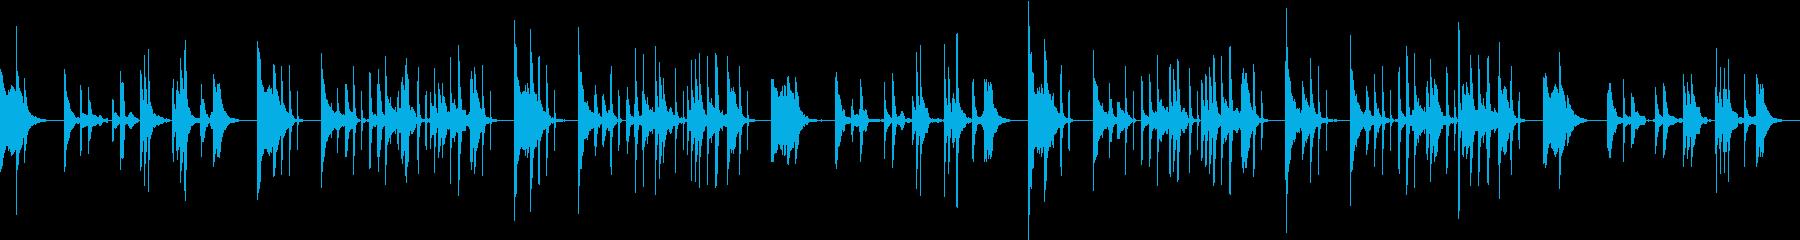 琴の爪弾くメロディがヨガ瞑想効果を高めるの再生済みの波形